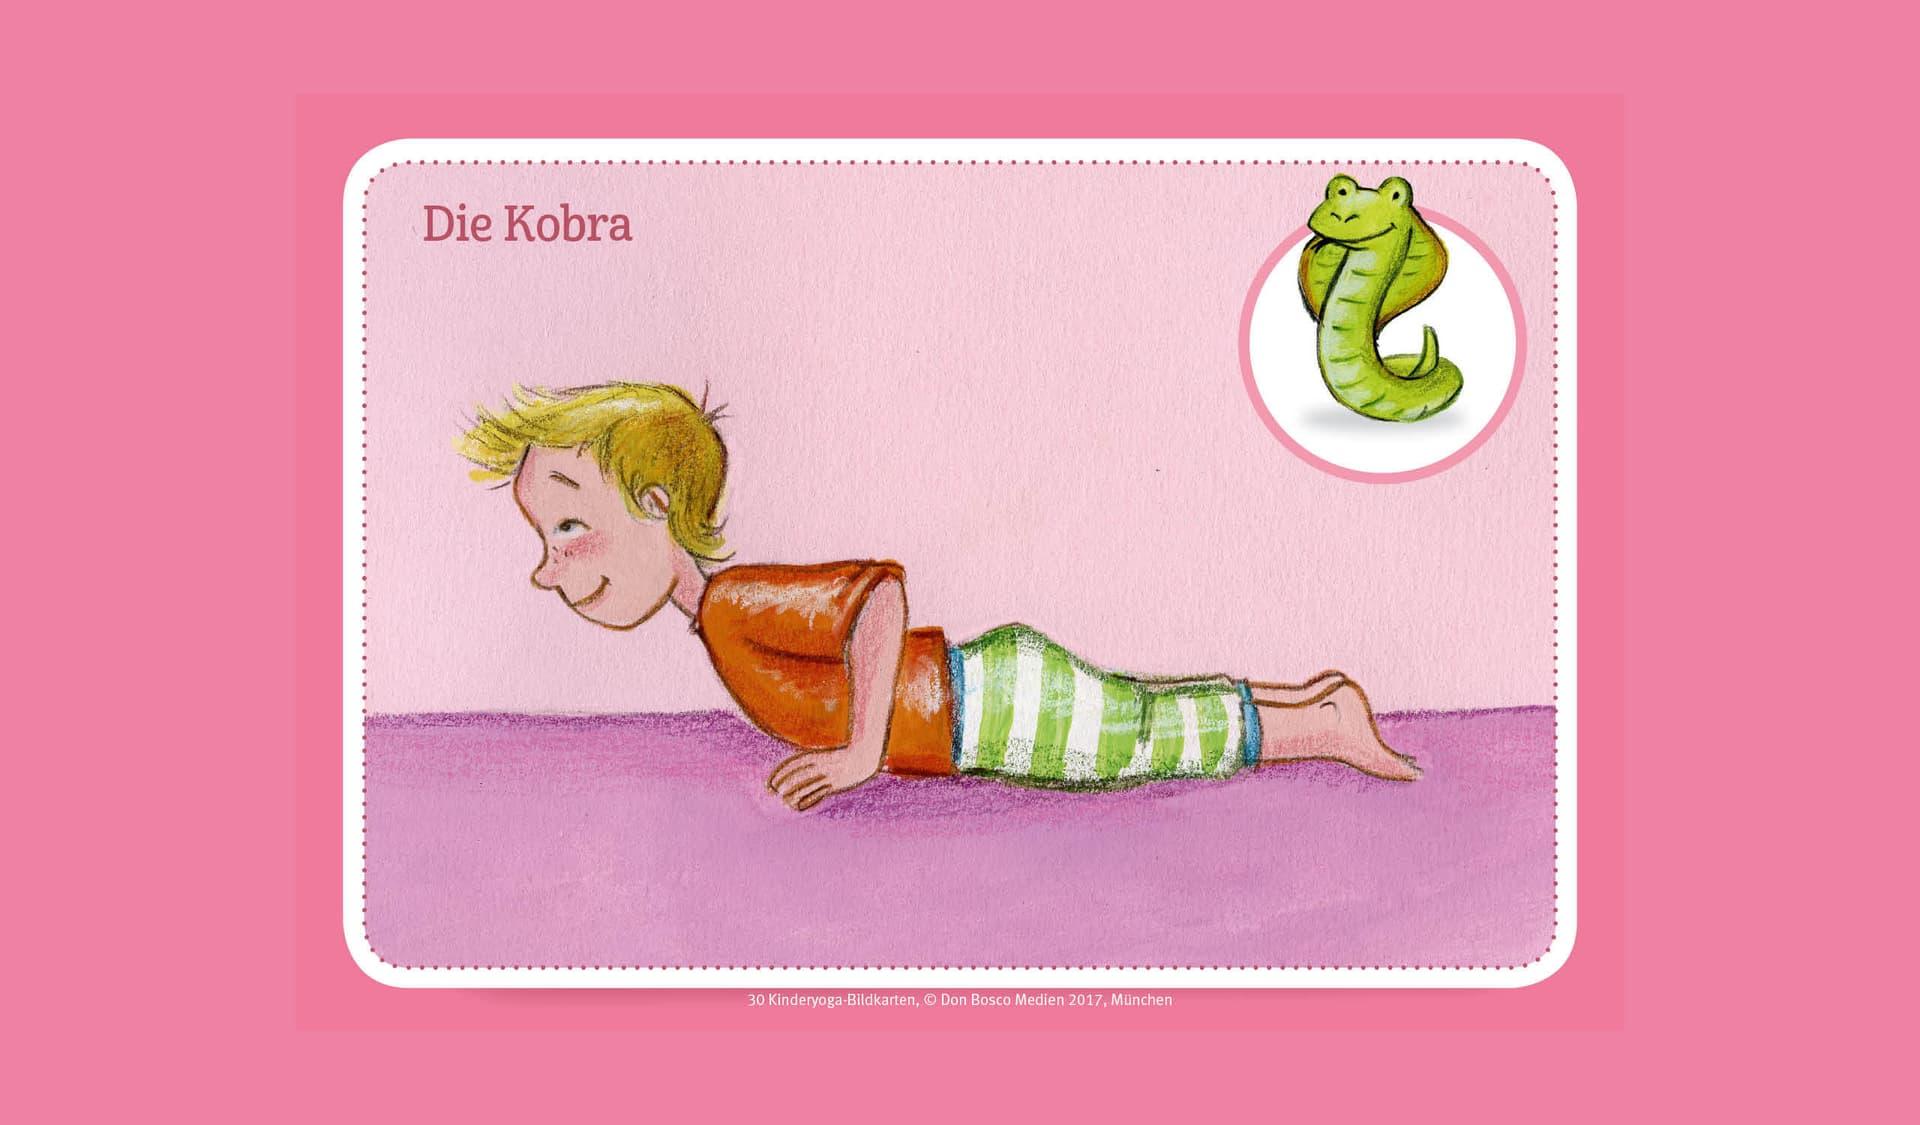 Ein Kind macht Yoga im Liegen